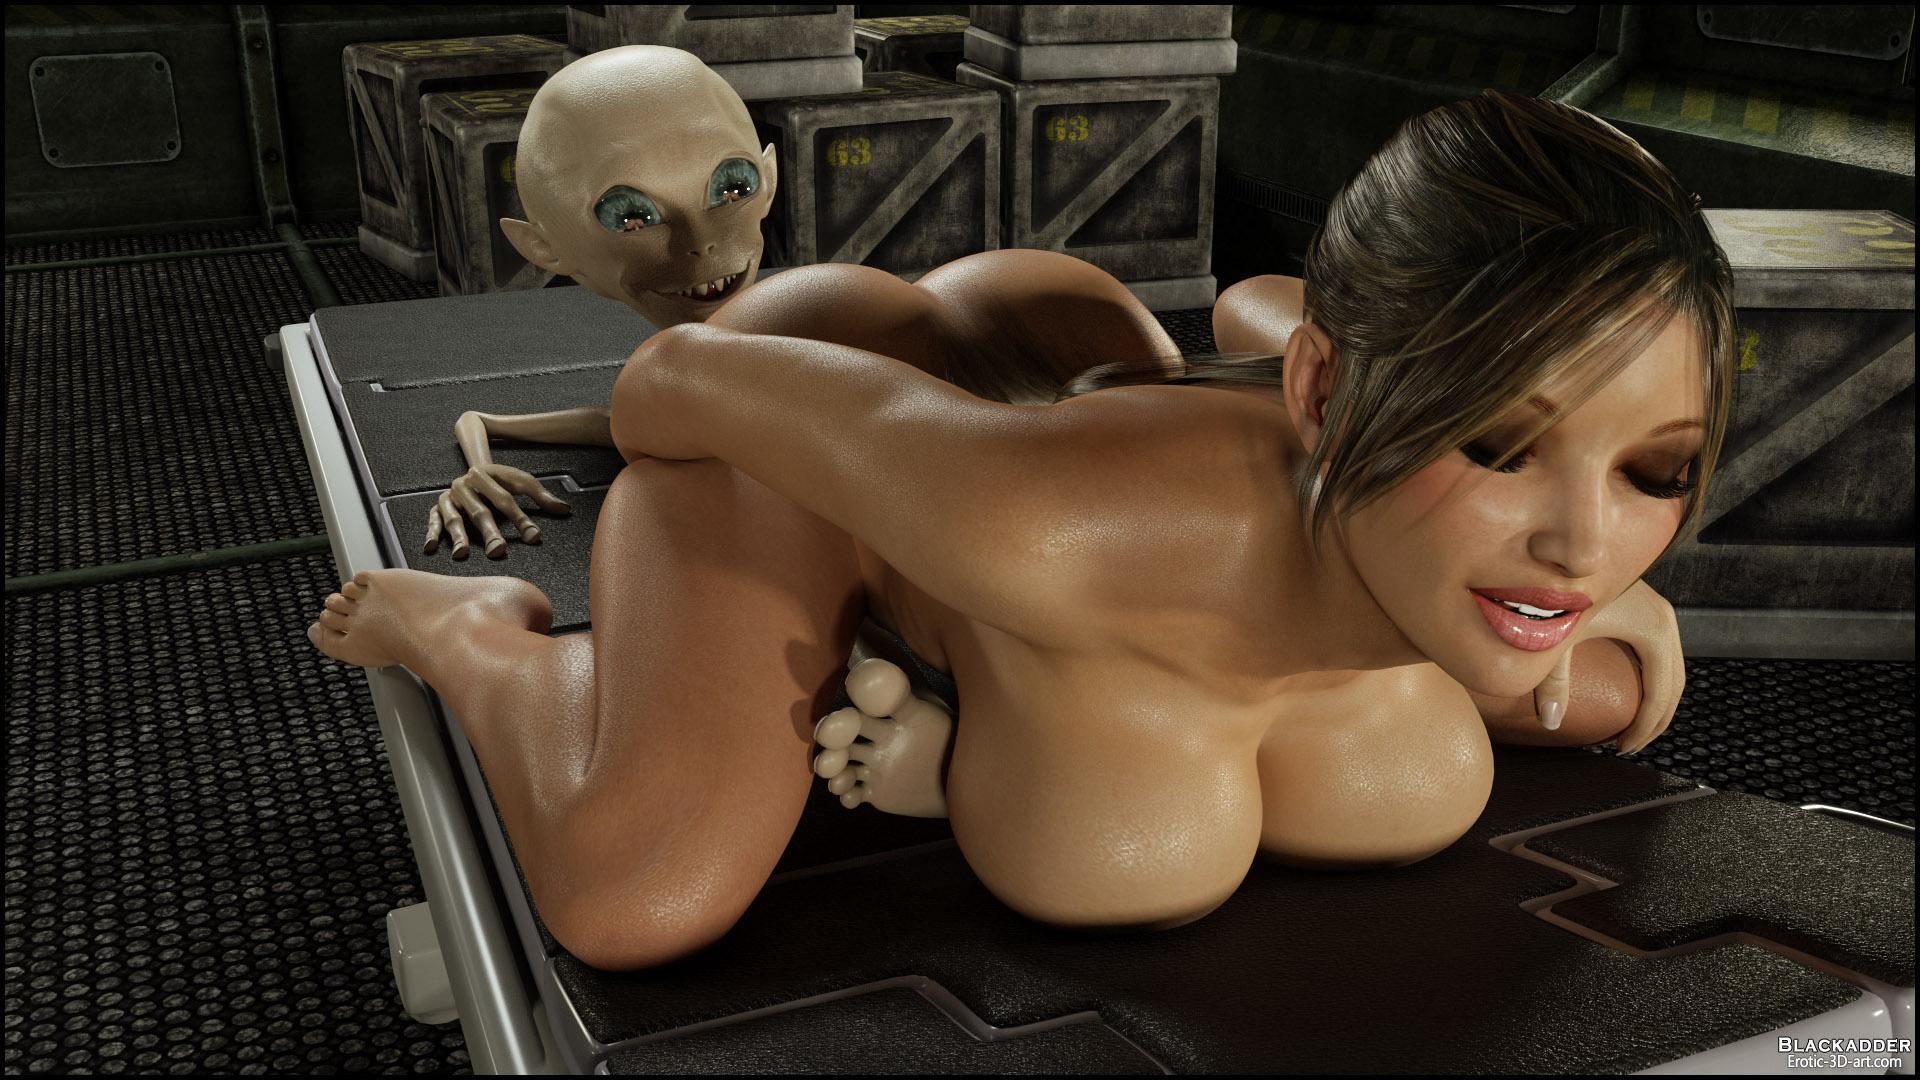 Alien fuck Gisel 3D XXX Porn - Porn Comics, Sex Comics ...